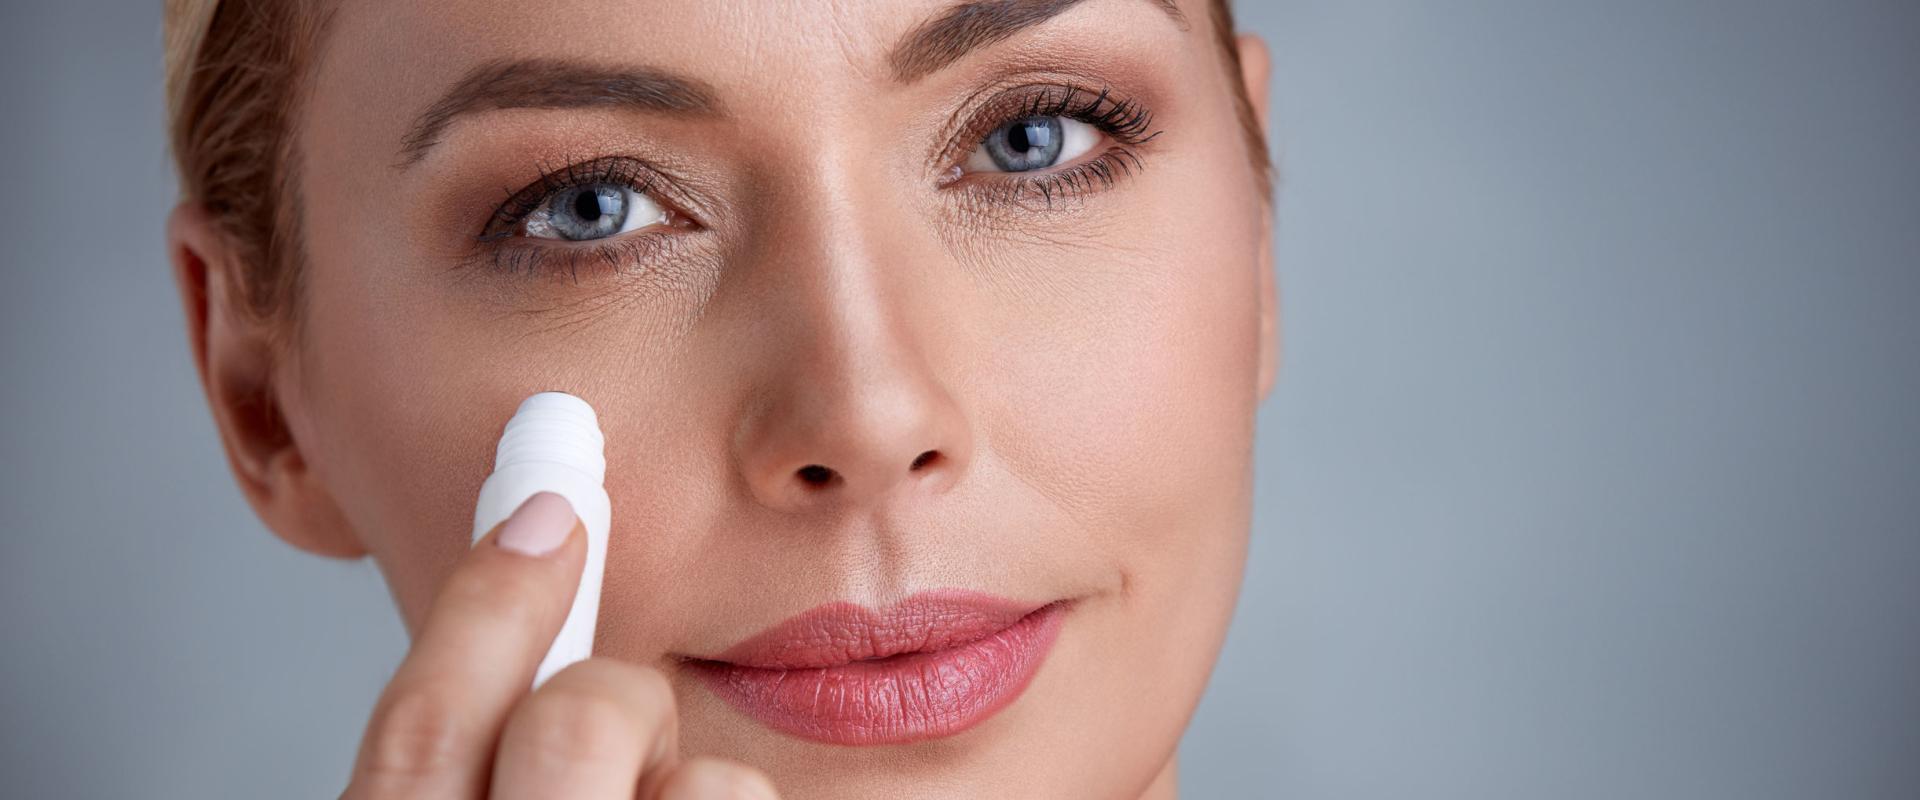 Bruine vlekken op de huid aanpakken en verwijderen